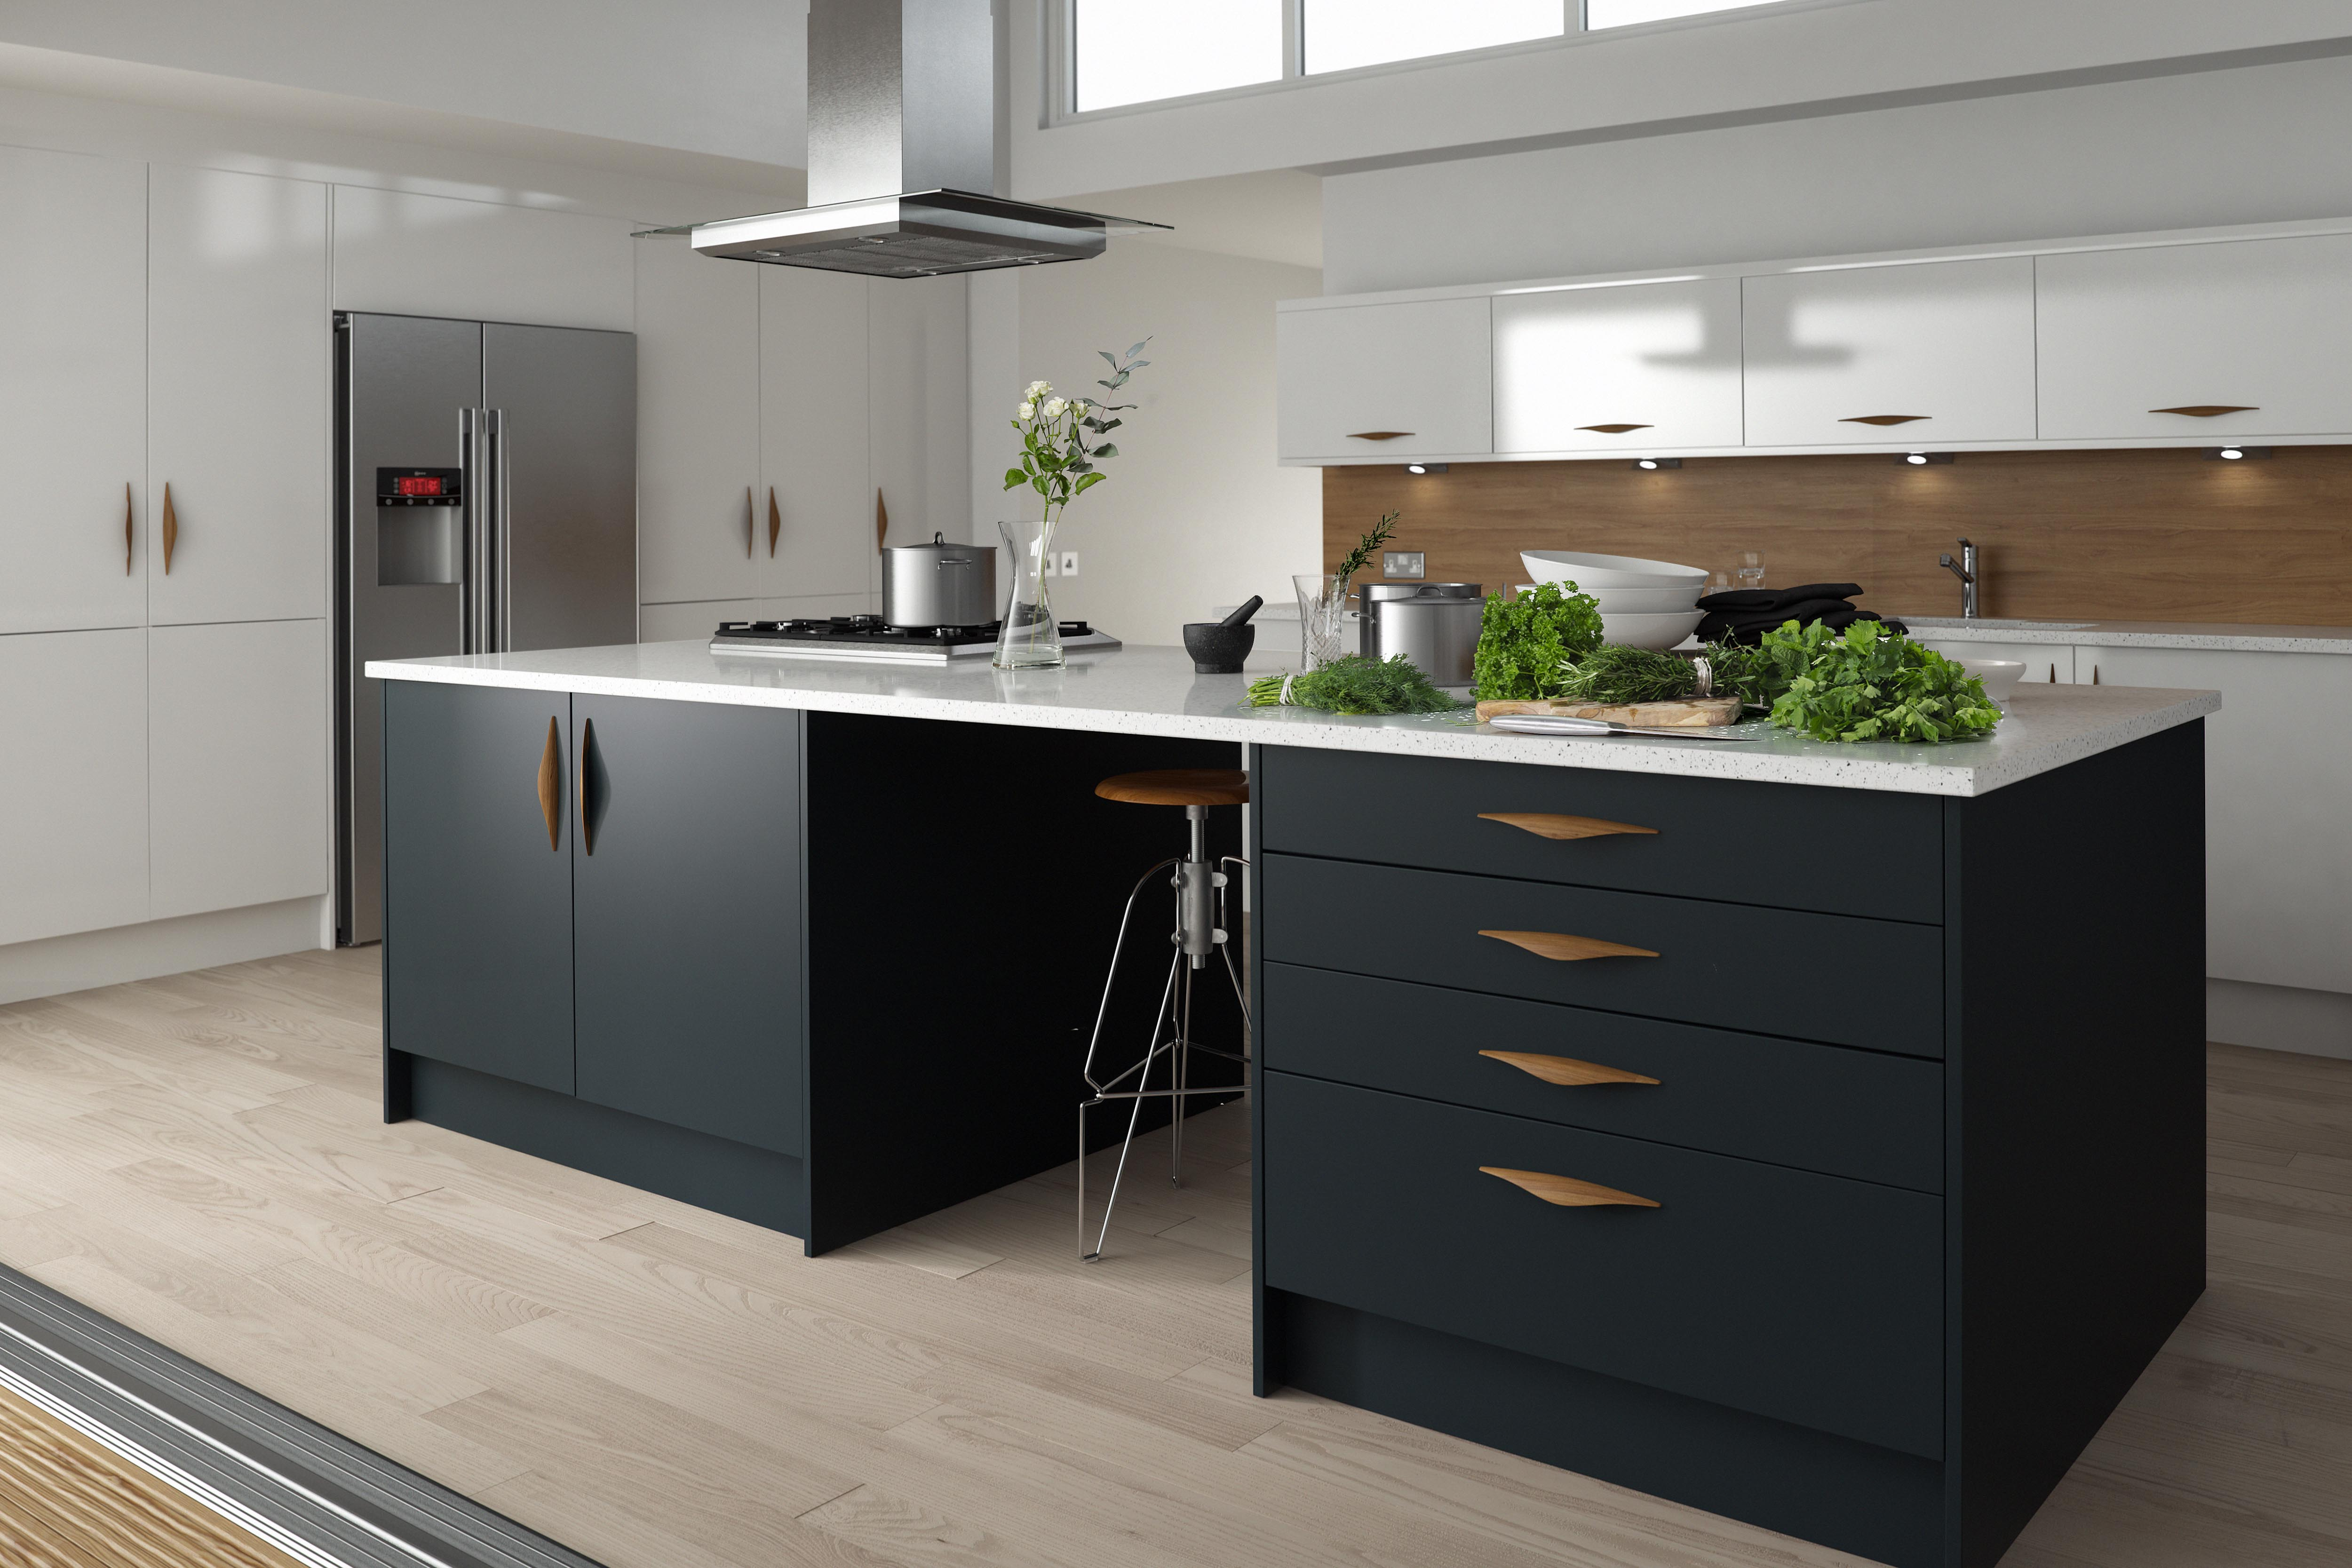 50 Shades Of Grey Sultry Kitchen Design Wren Kitchens Blog